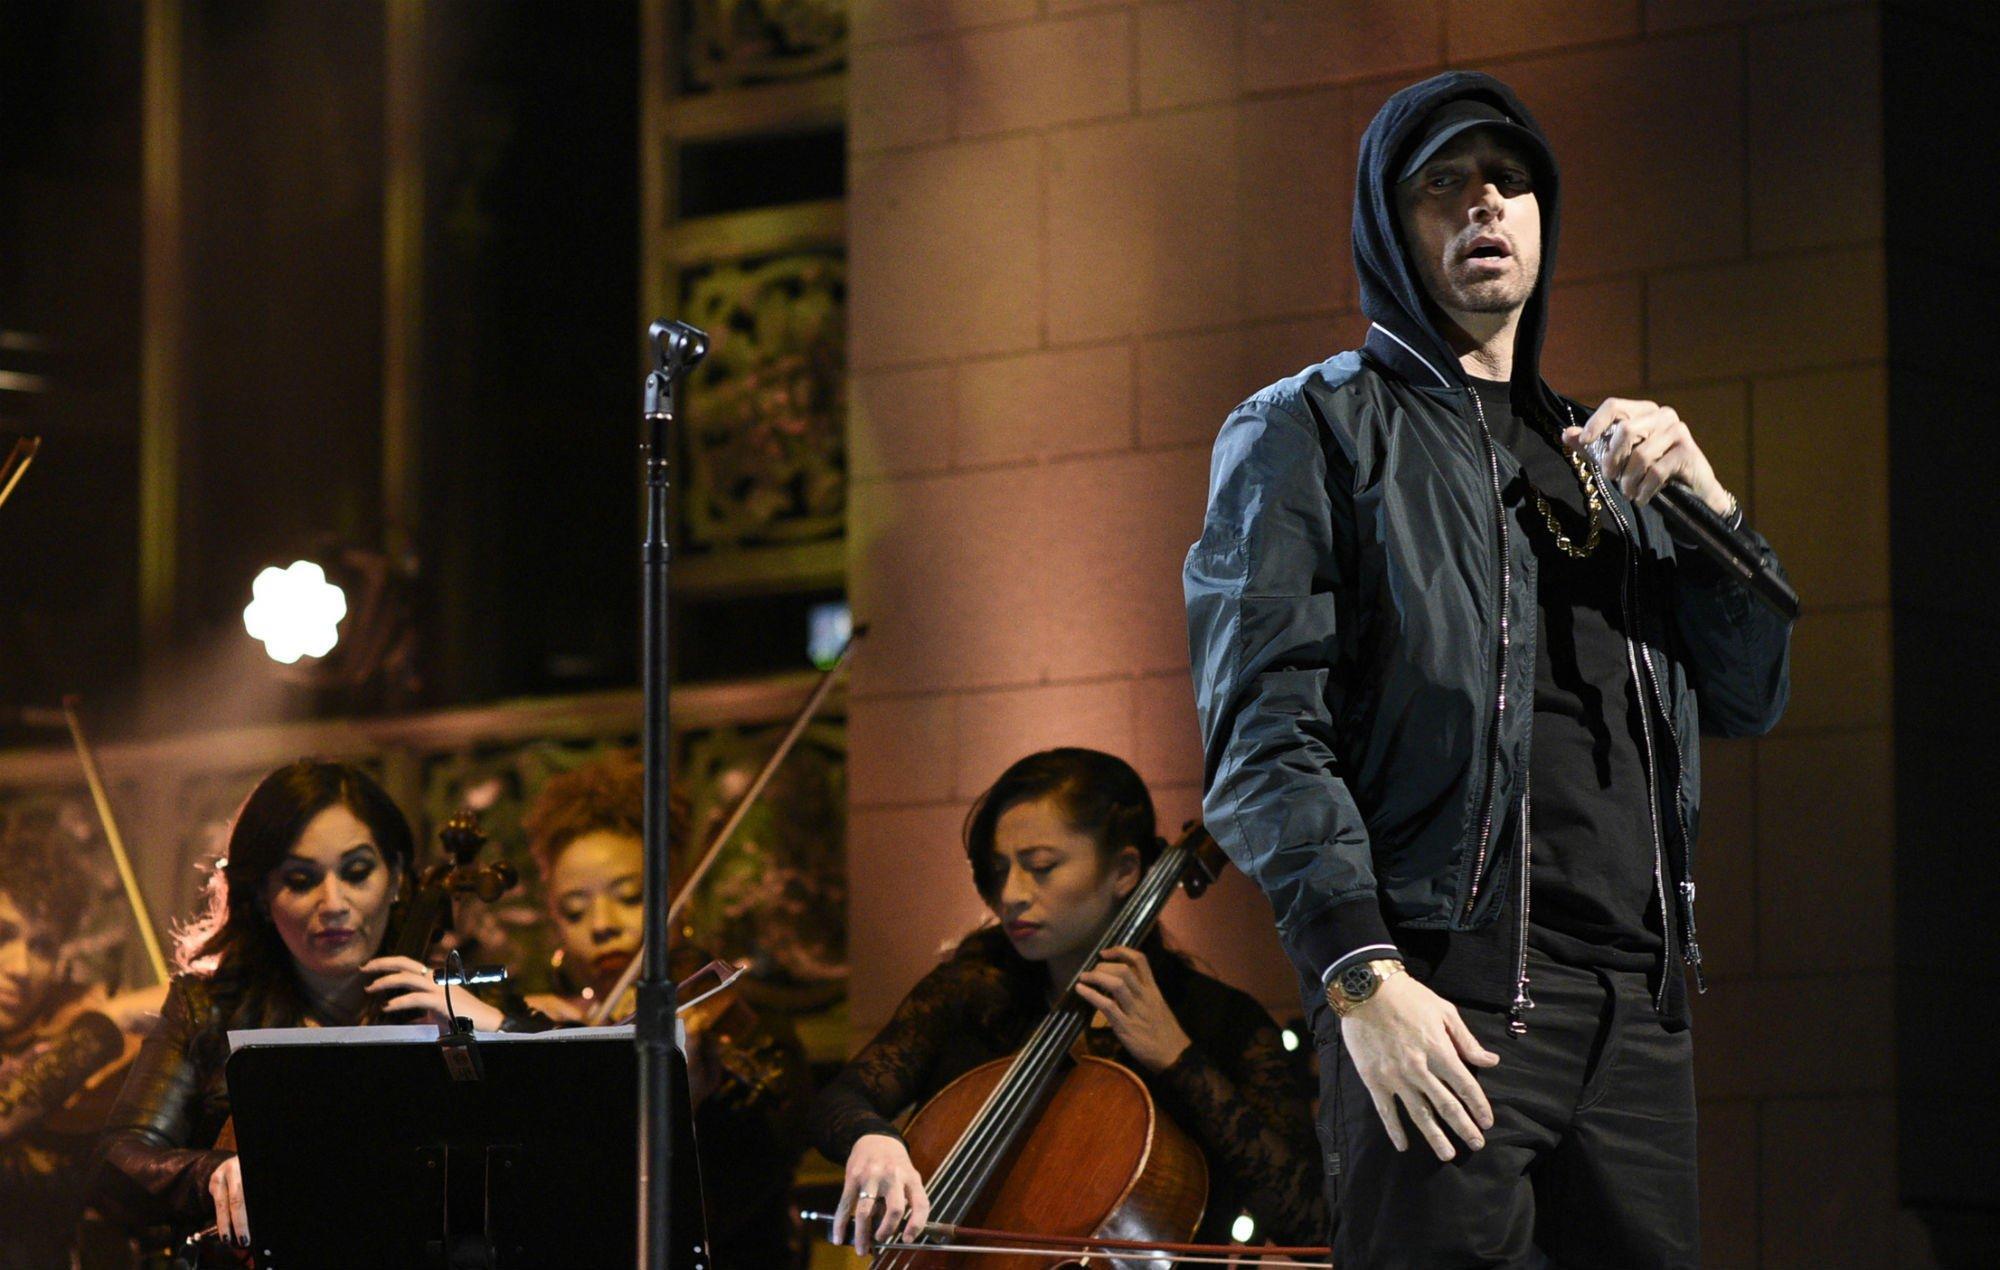 Eminem has now broken two records in 2018 with 'Kamikaze' and 'Killshot' https://t.co/VE9SXd9r8w https://t.co/xkLEQPhEI2